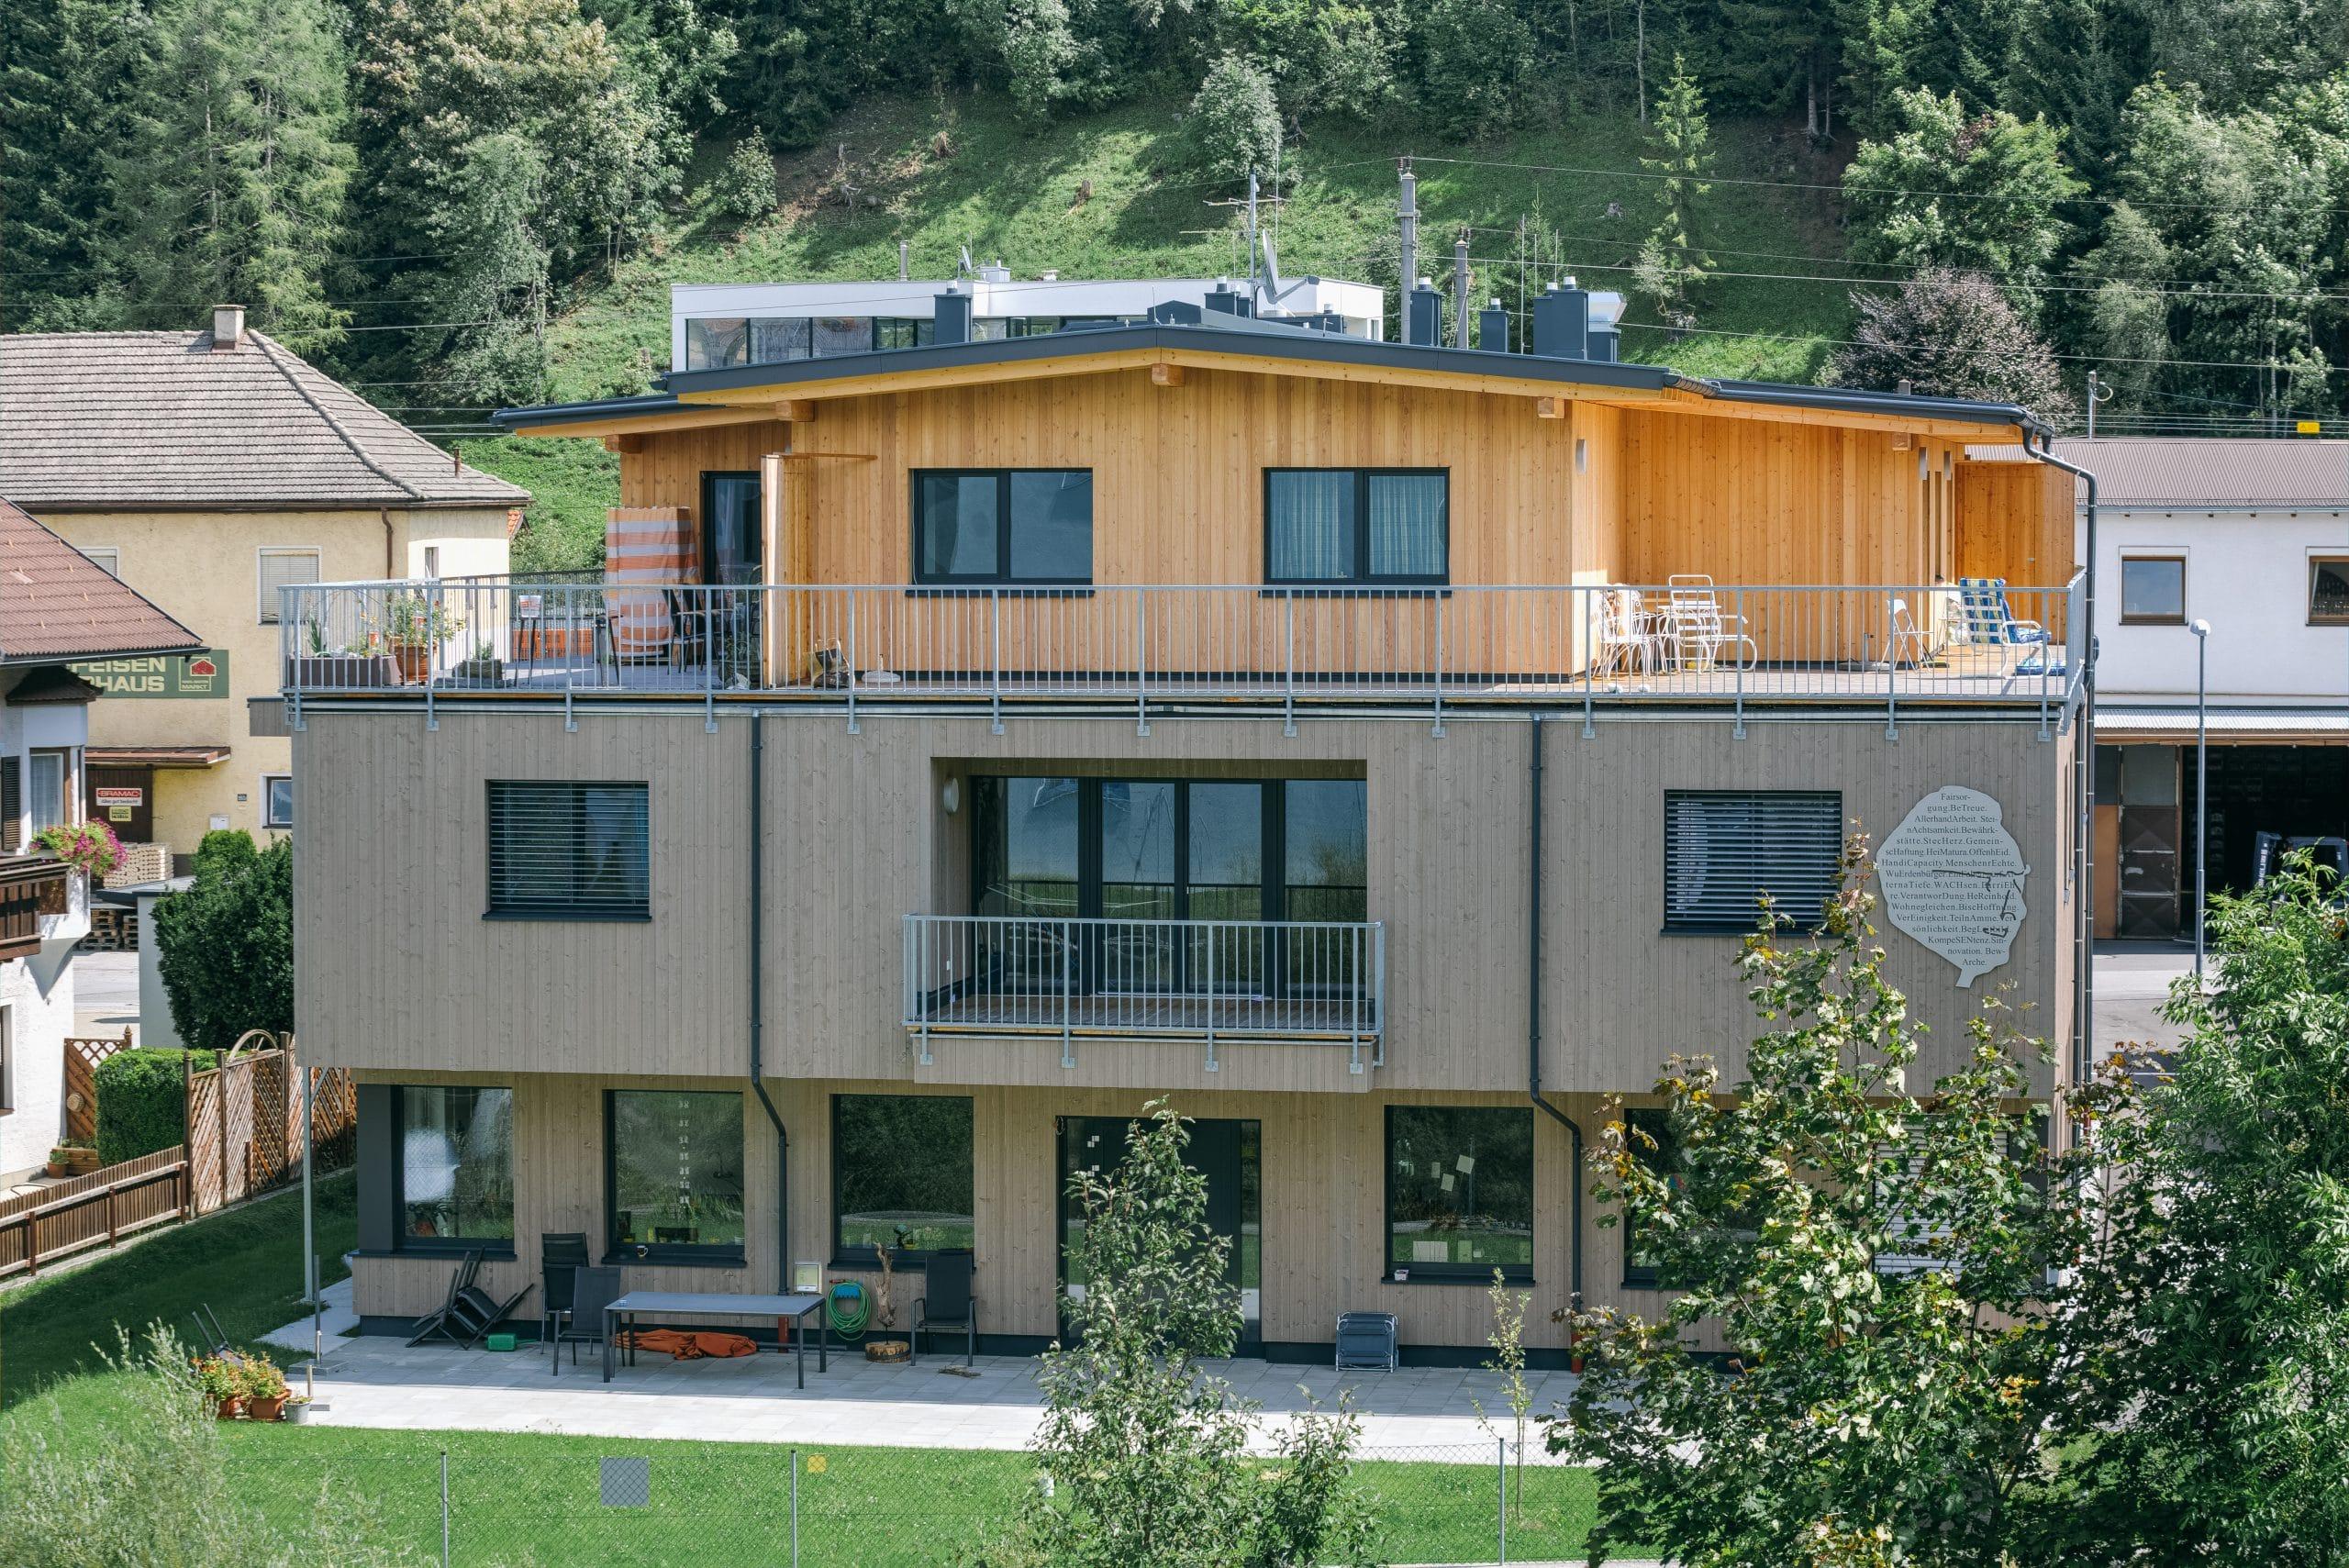 Neubau Wohnheim ARCHE Steinach - Schafferer Holzbau